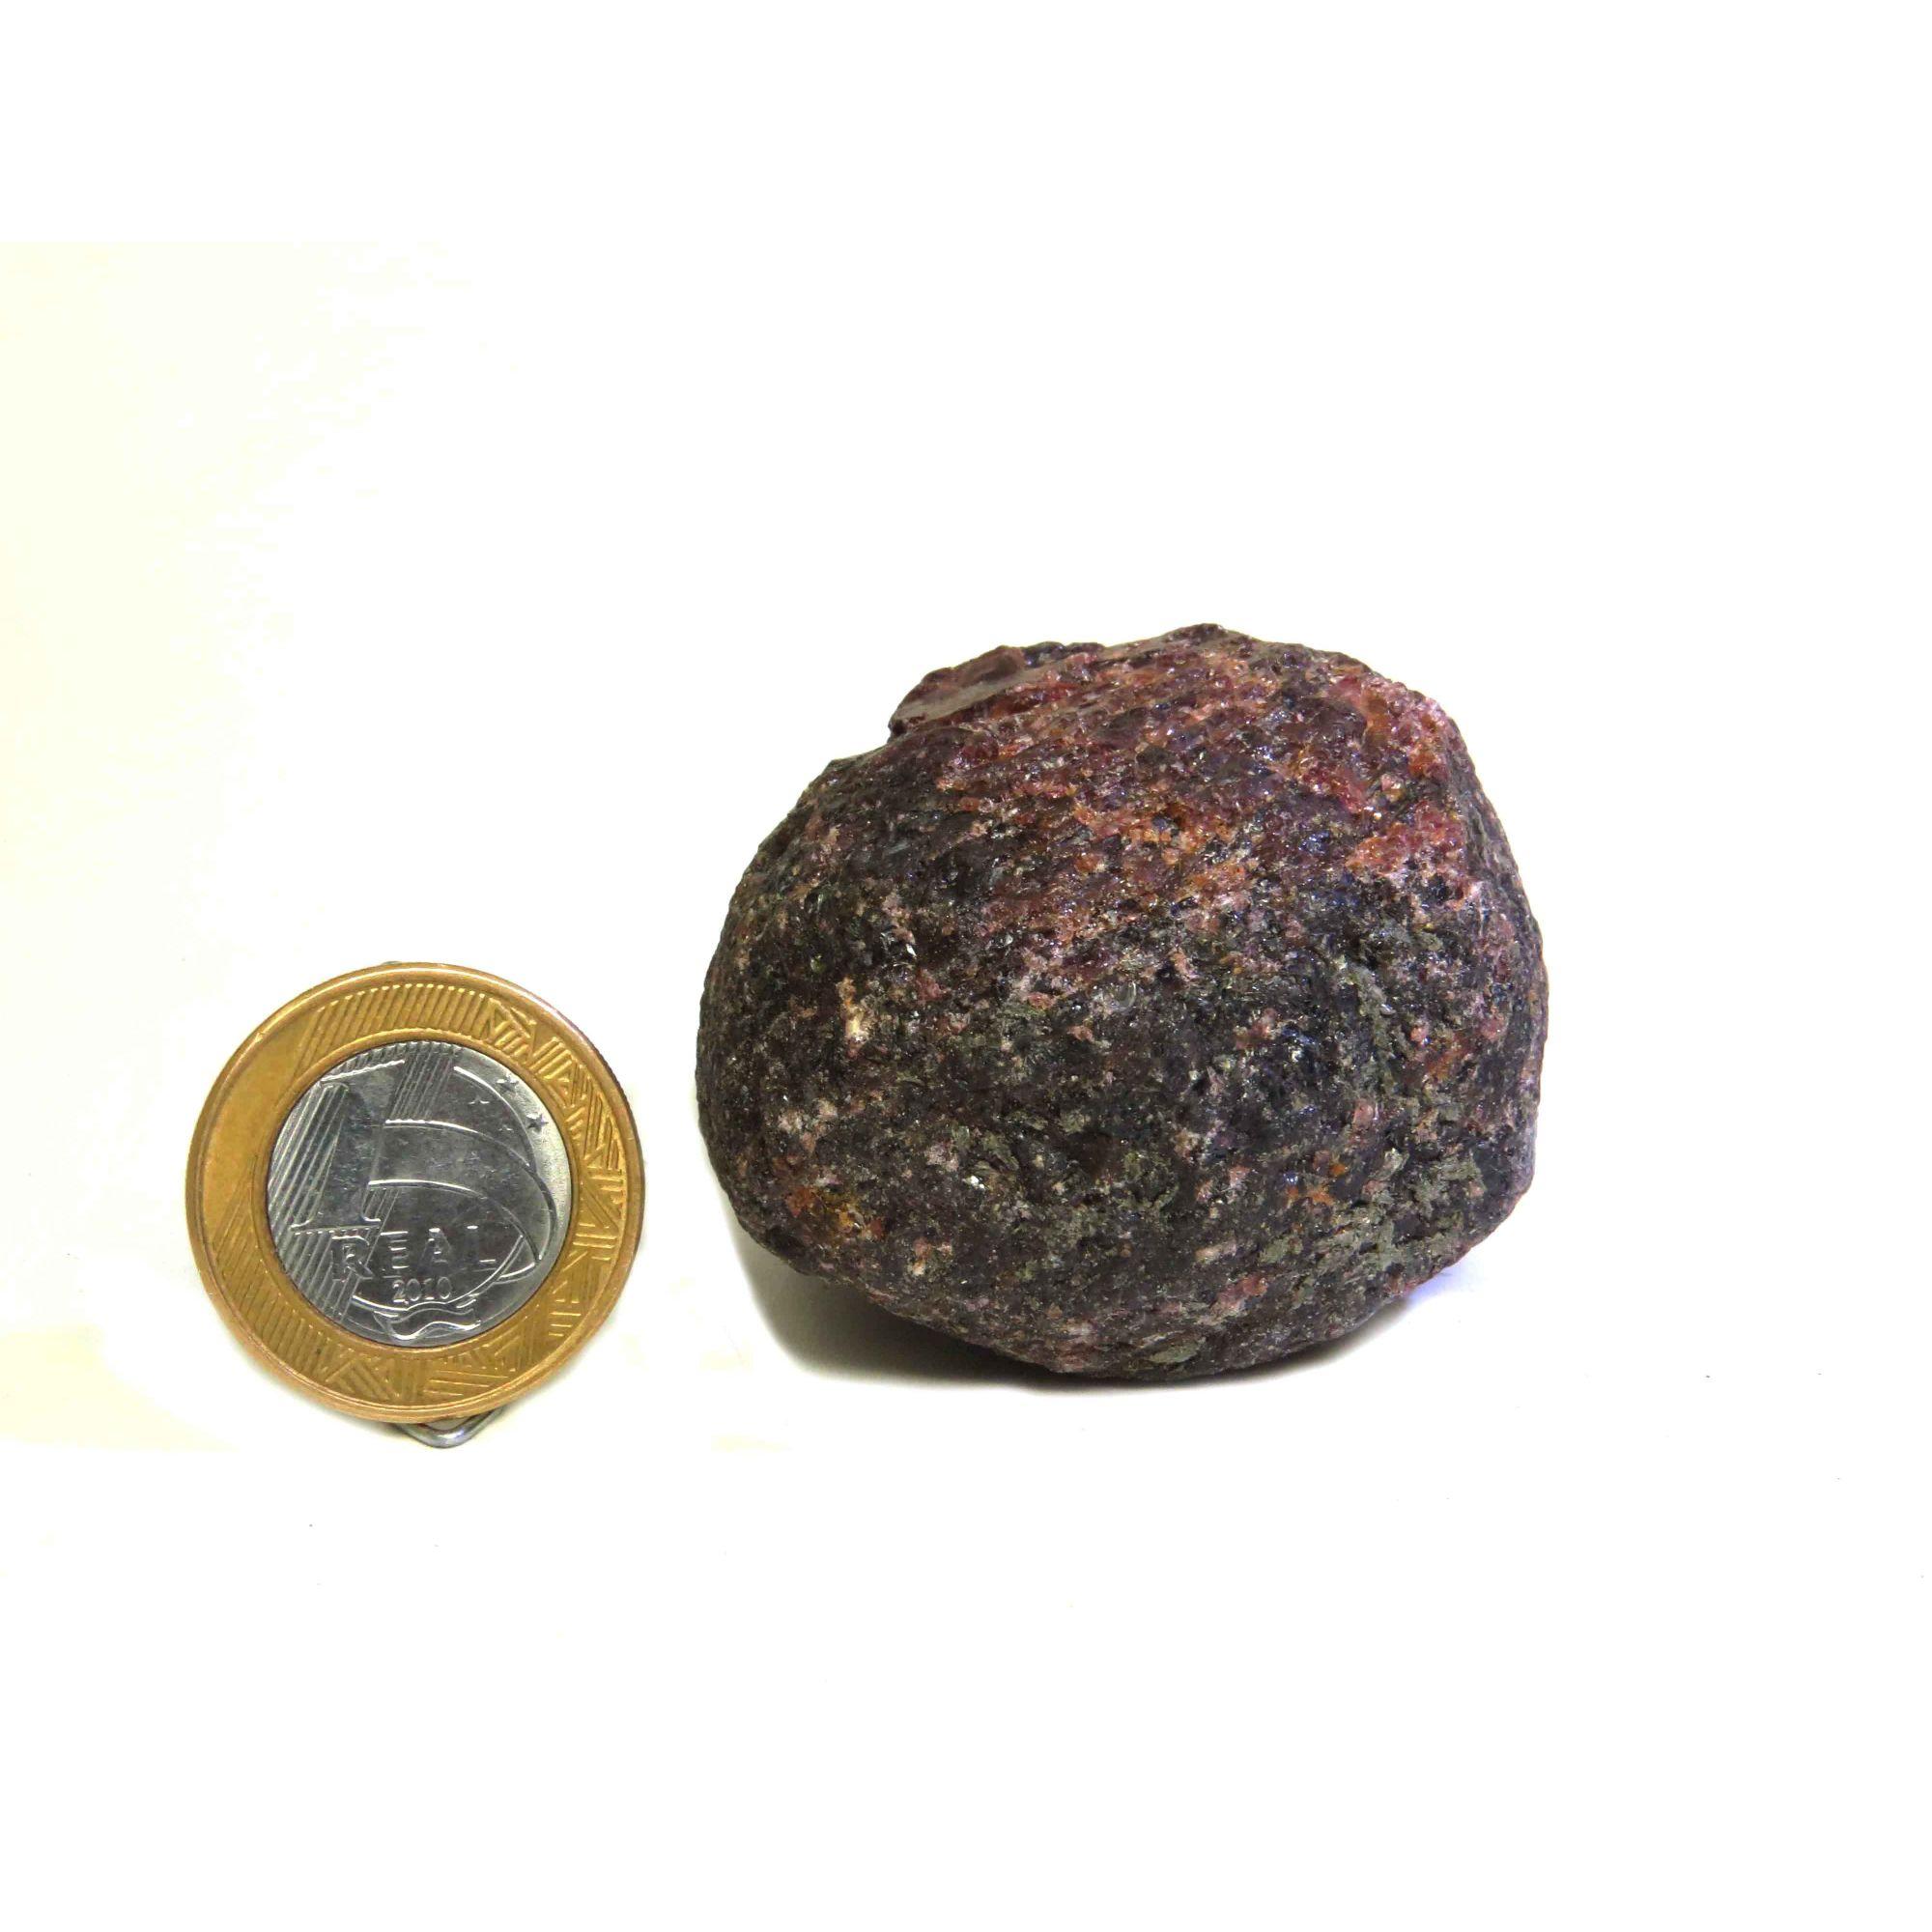 Granada - Bruto - 4 a 5 cm